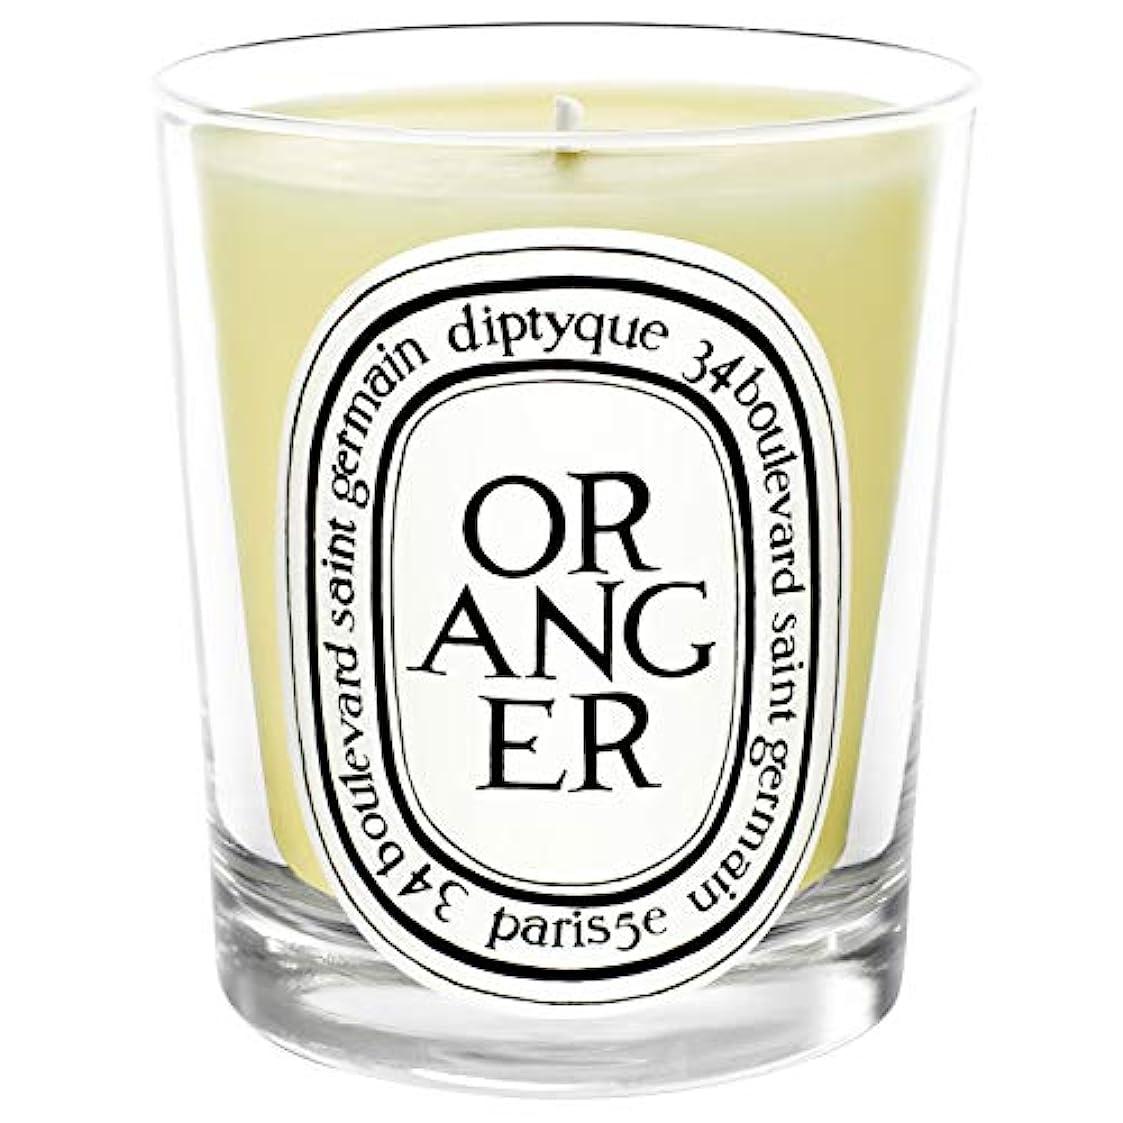 ベイビー忍耐スラム[Diptyque] Diptyqueのオランジェ香りのキャンドル190グラム - Diptyque Oranger Scented Candle 190g [並行輸入品]